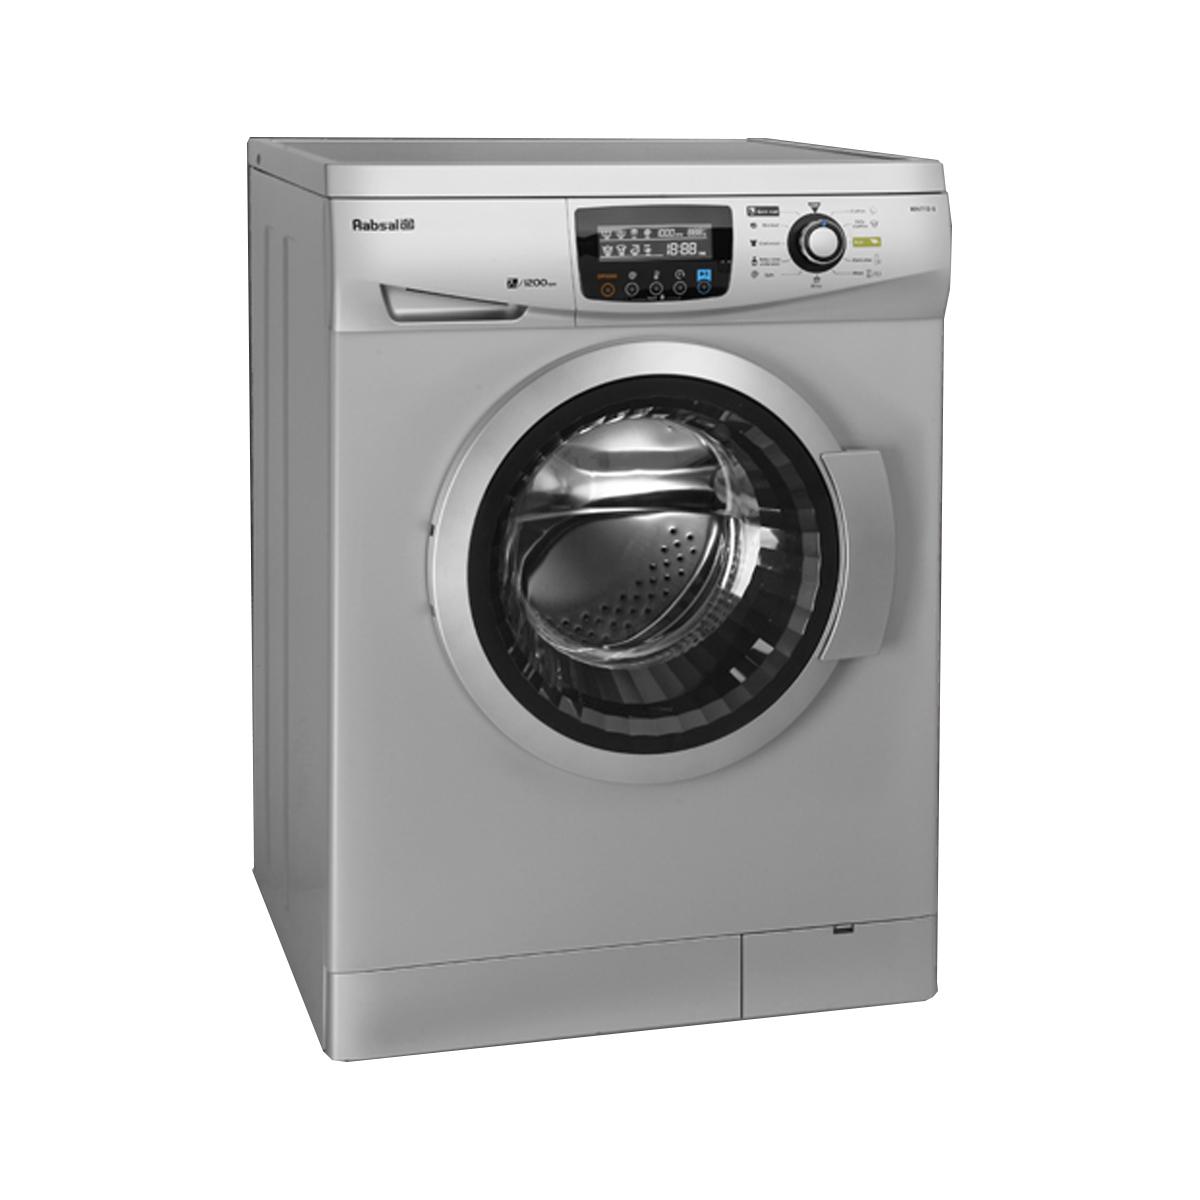 فروش نقدی و اقساطی ماشین لباسشویی آبسال مدل REN7112 ظرفیت 7 کیلوگرم